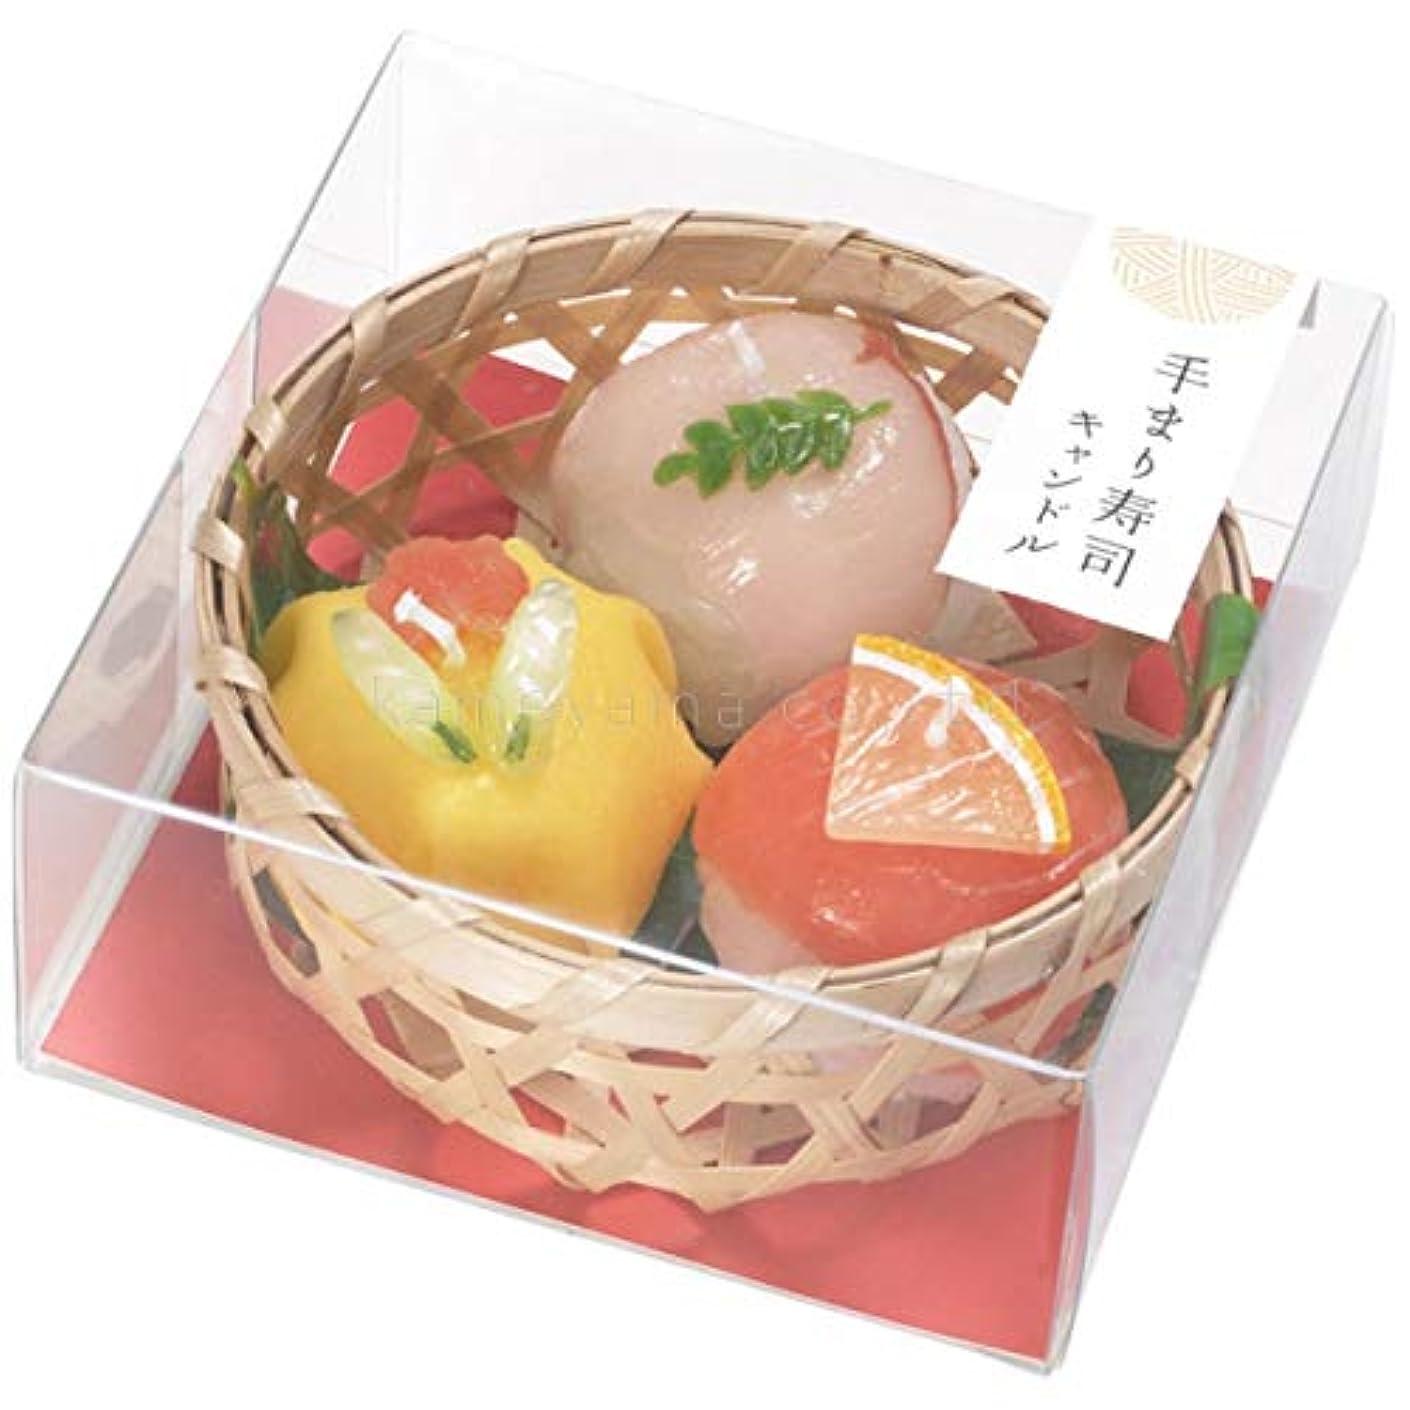 結紮かわすチーズ手まり寿司キャンドル (故人の好物シリーズ)